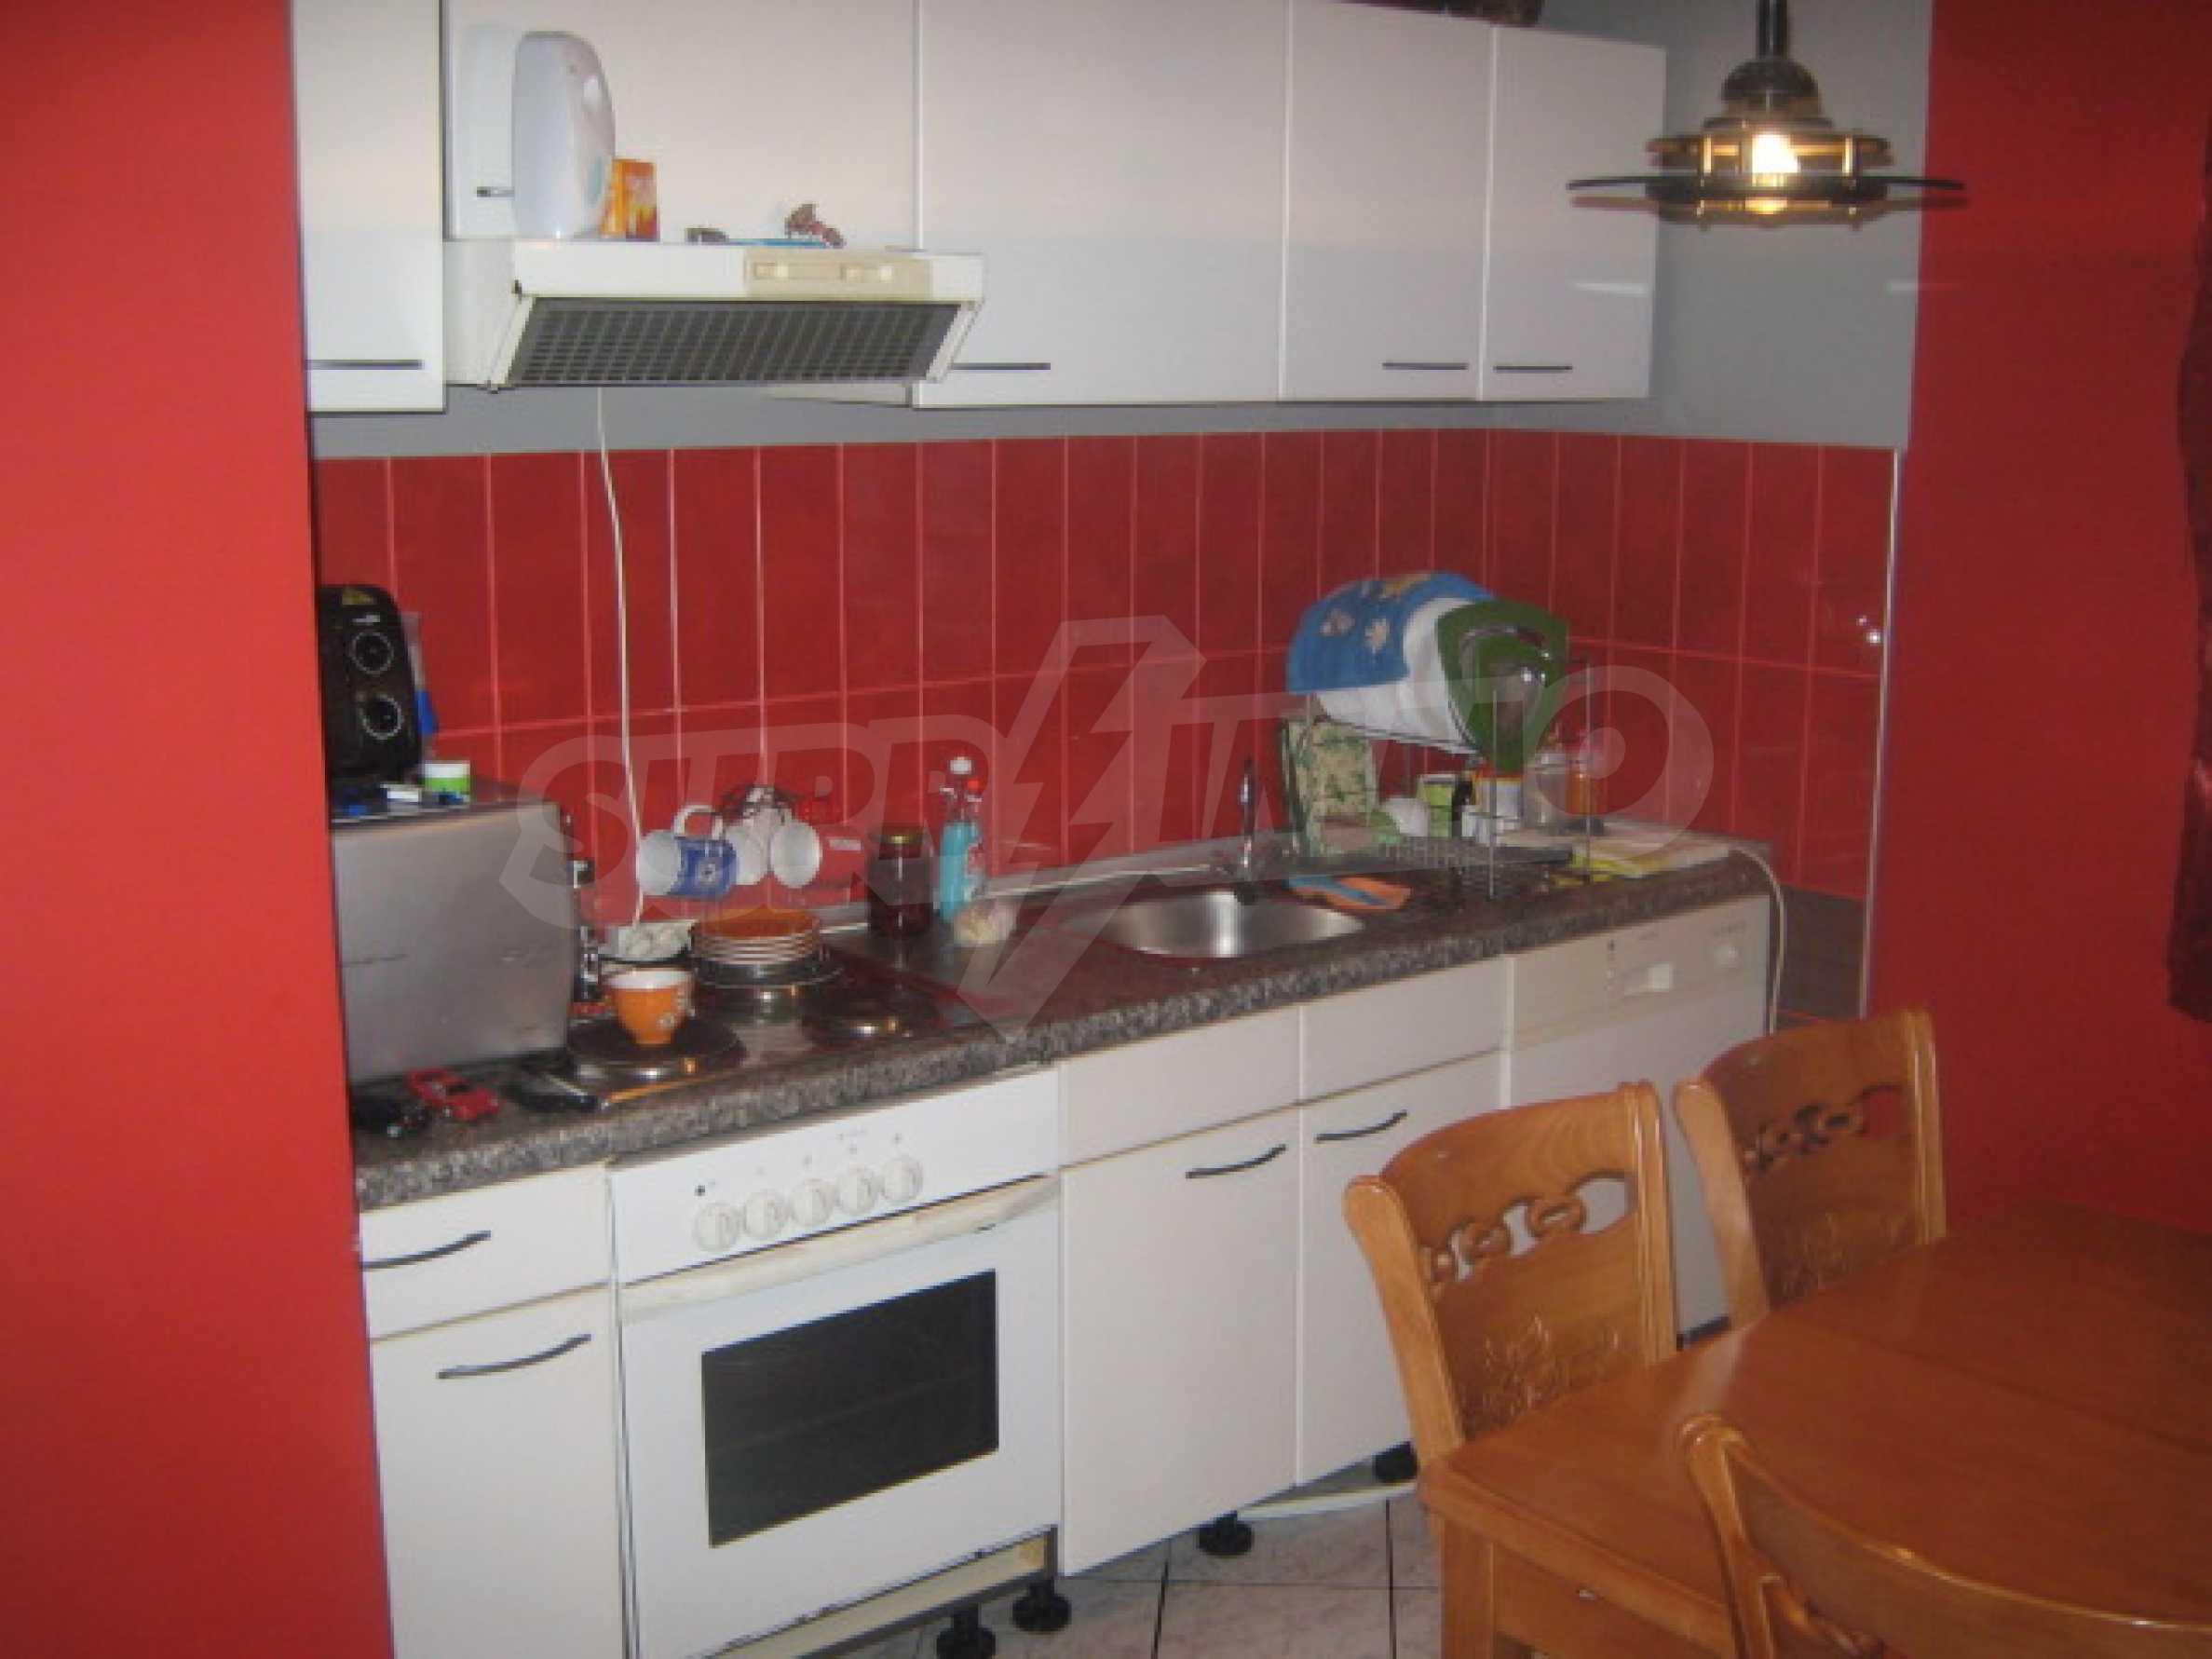 Двустаен апартамент за продажба във гр. Видин 6